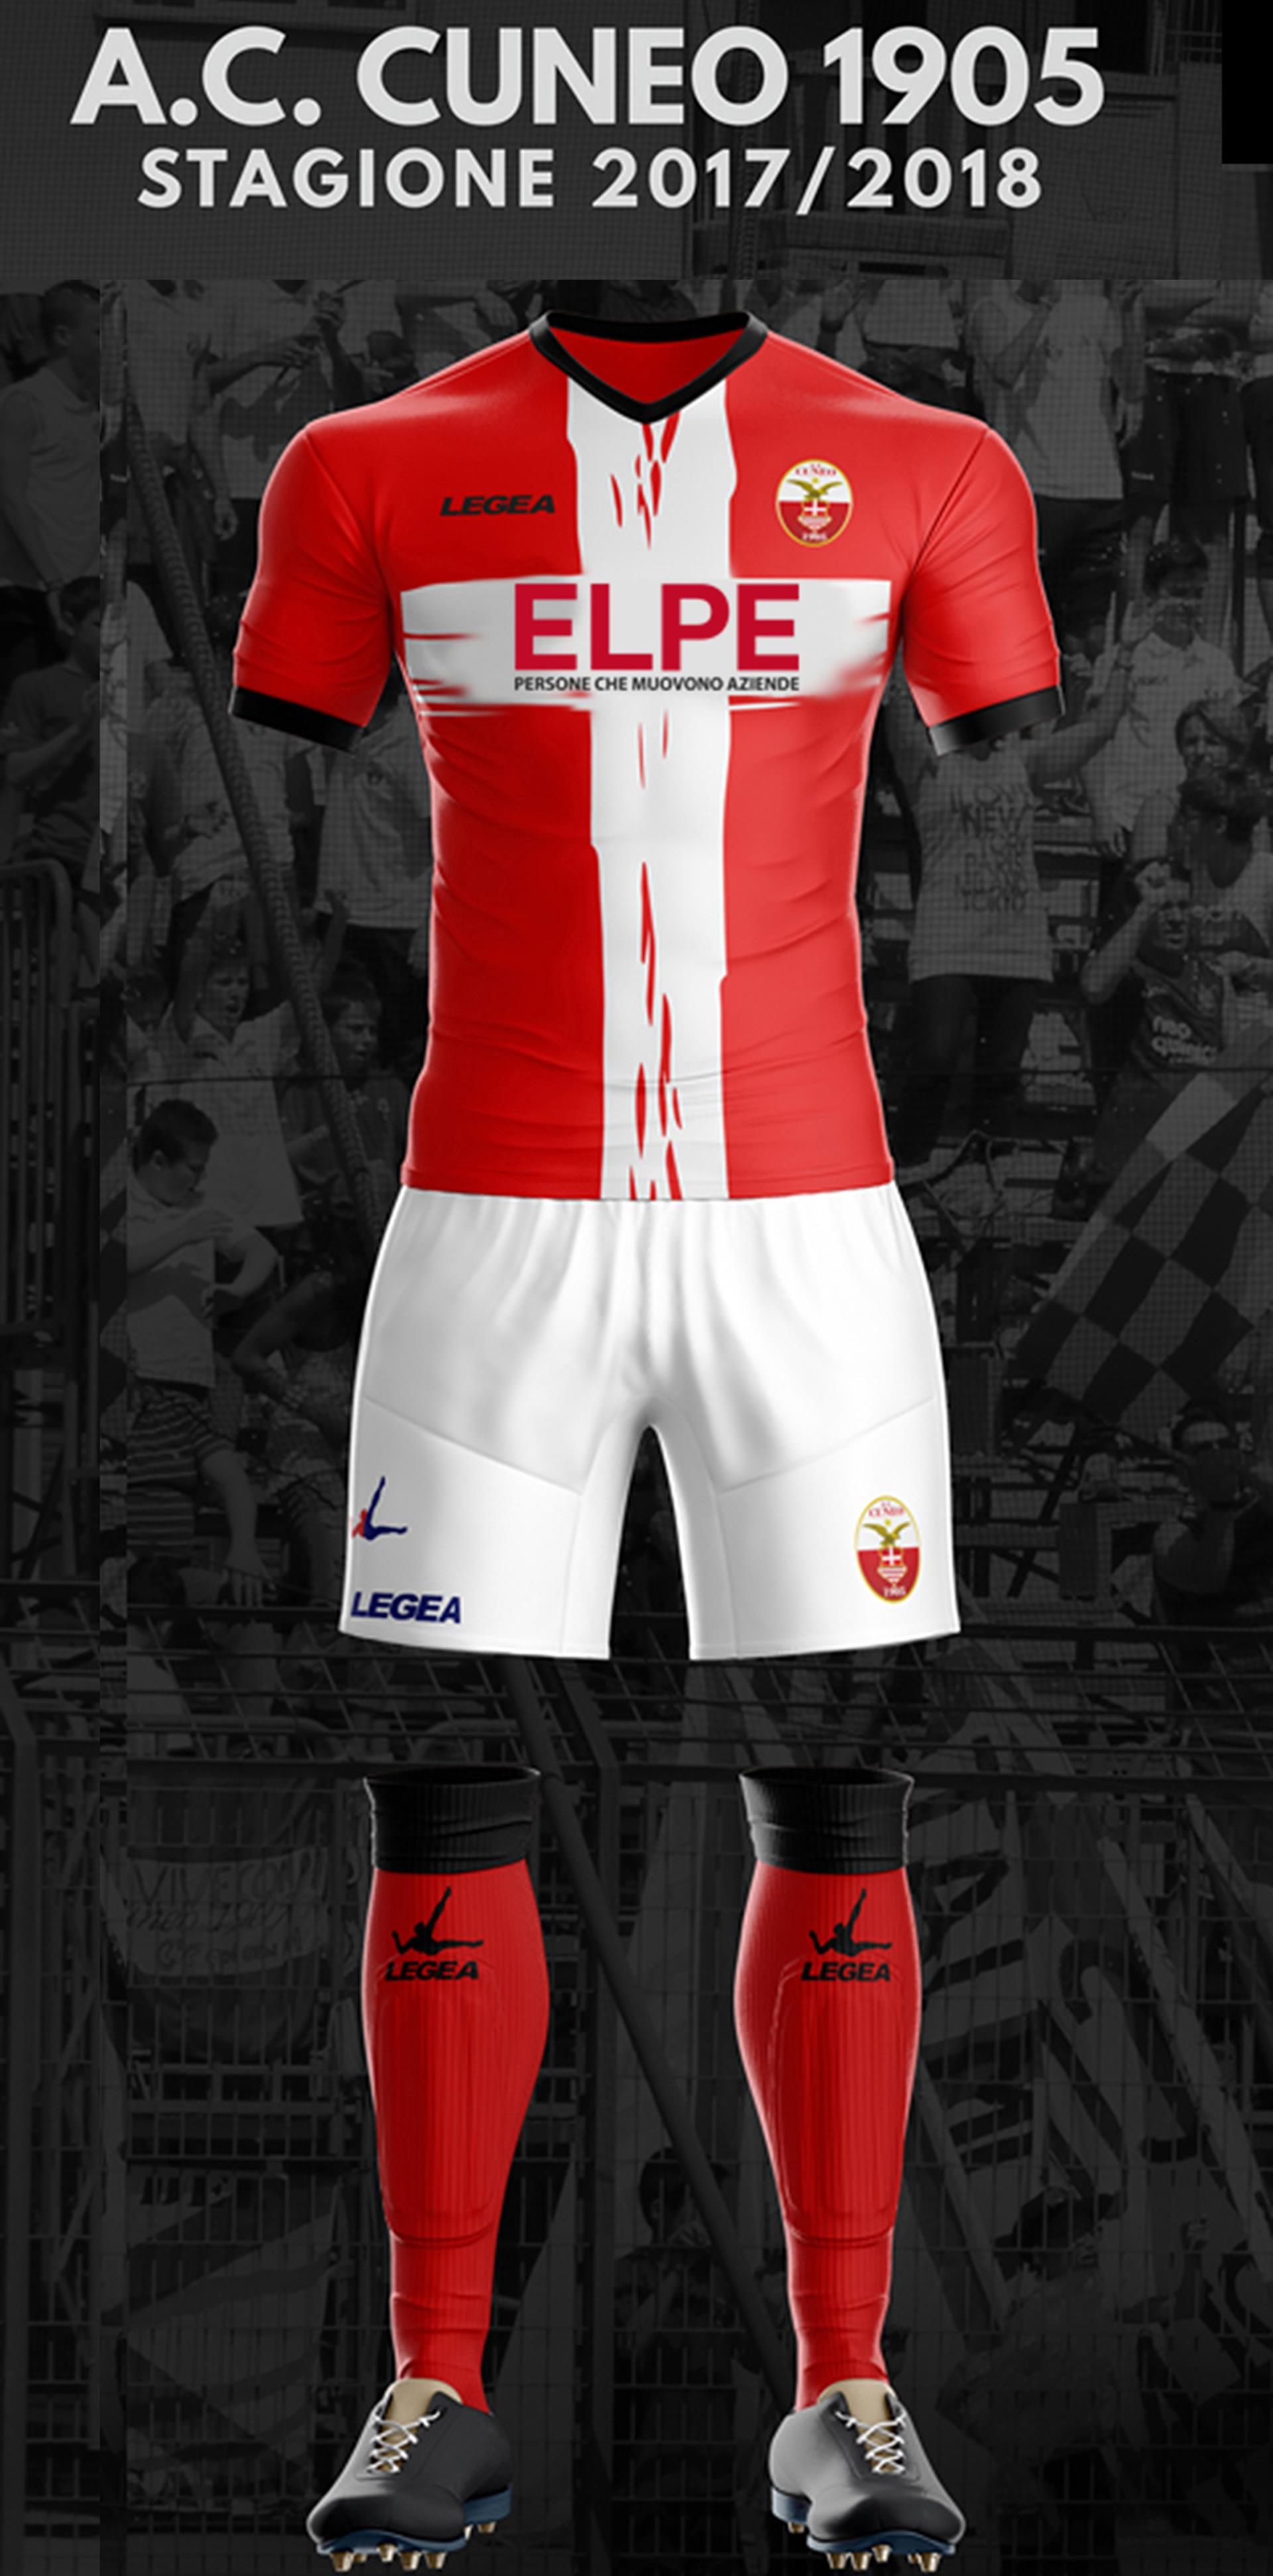 Cuneo Main 1905 C Di Elpe A Sponsor fFxaO